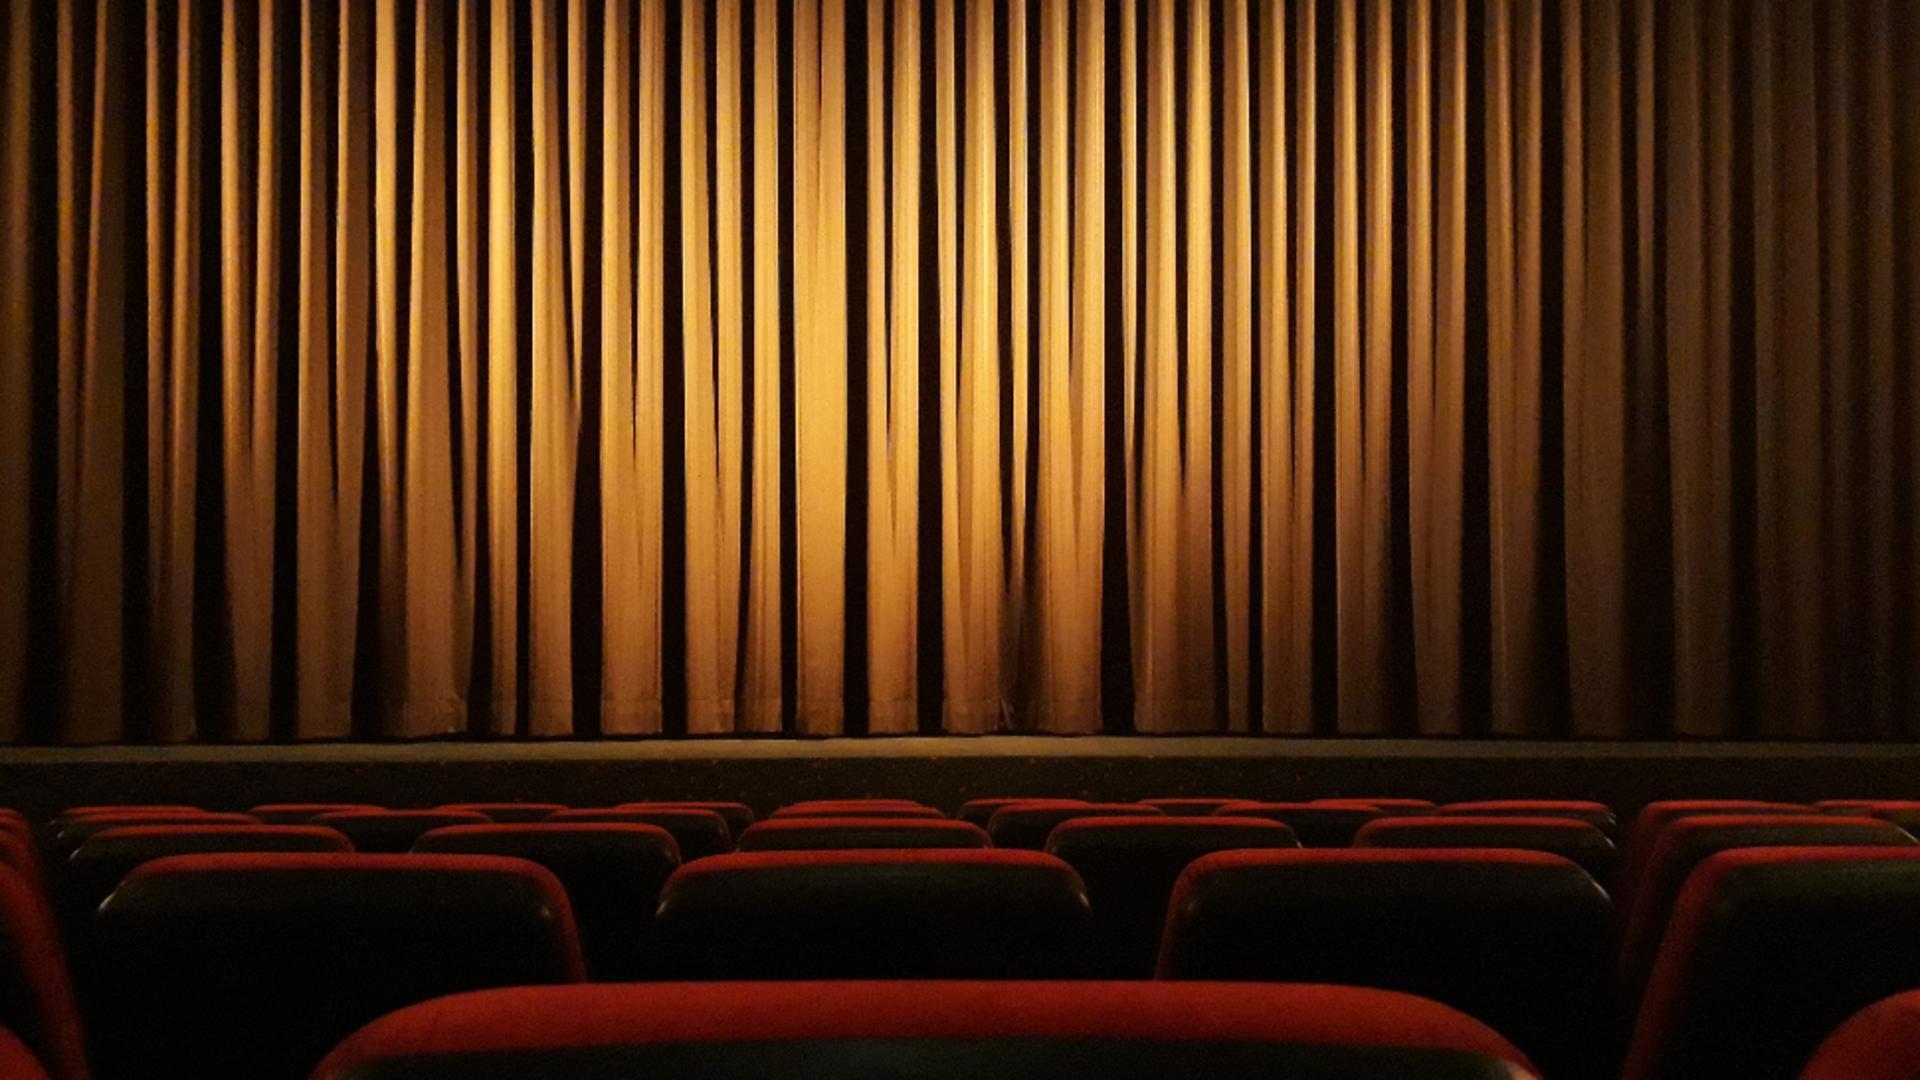 Redeschidere sali cinema si teatre/sursa foto: Pixabay